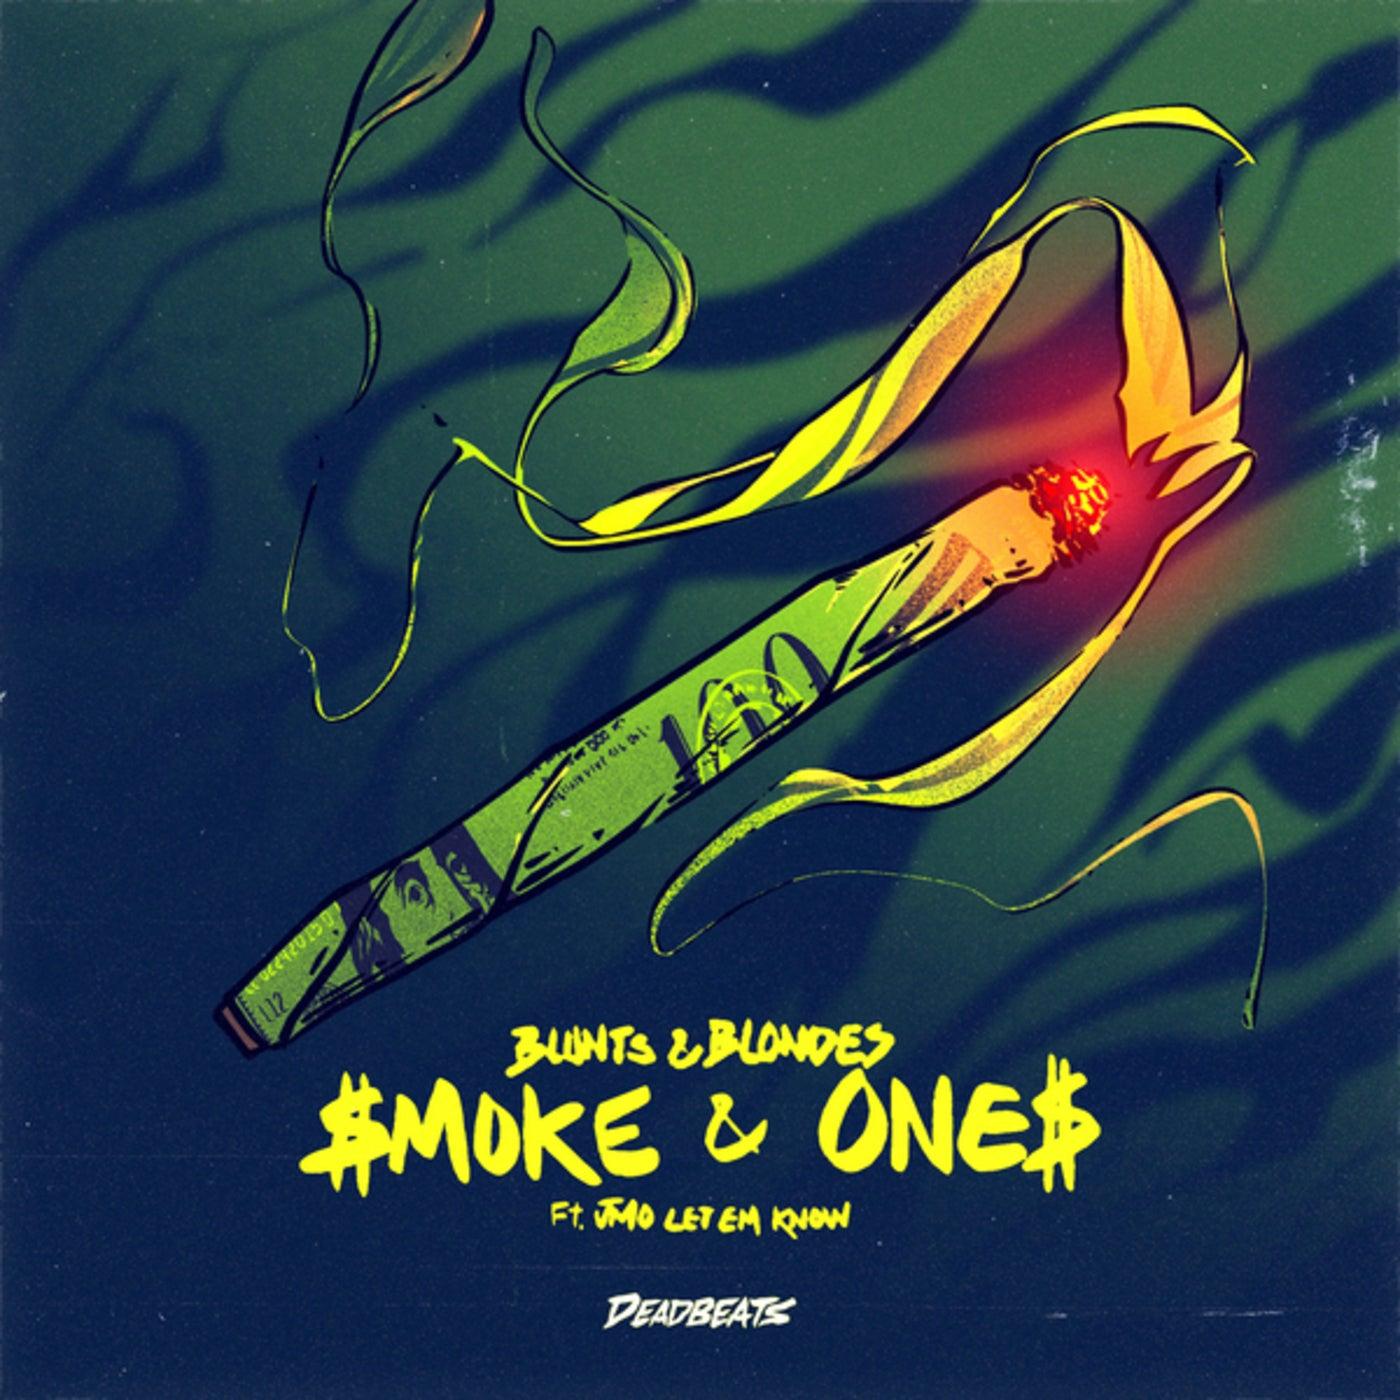 Smoke & Ones (Original Mix)